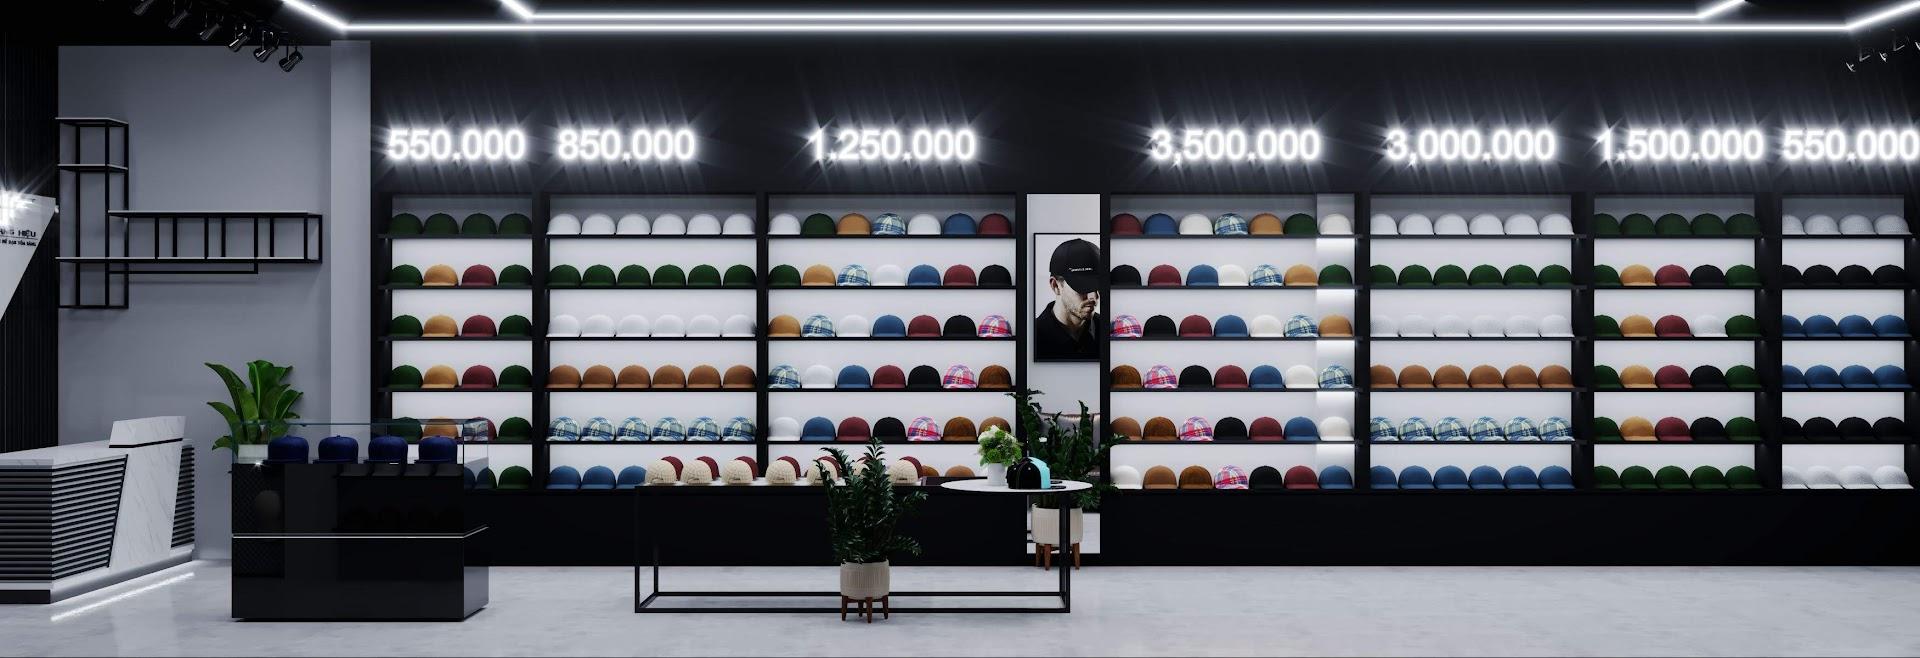 tủ trưng bày mũ